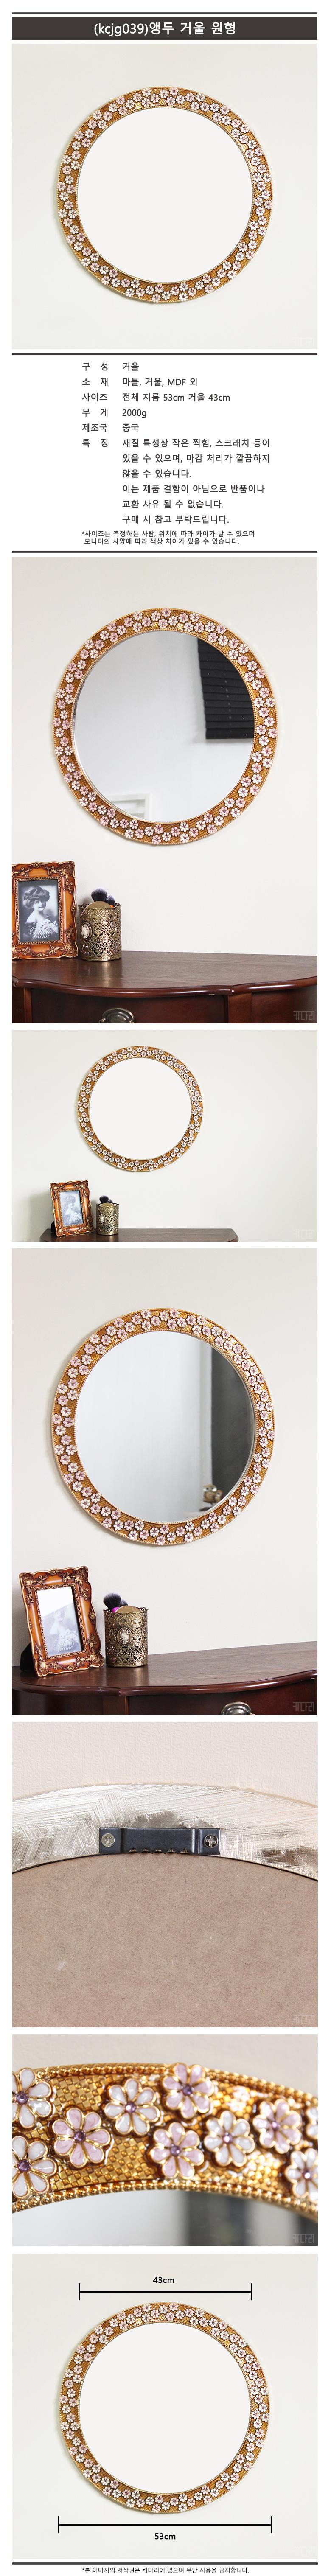 (kcjg039)앵두 거울 원형 - 경원비앤비, 69,000원, 장식소품, 기타 소품